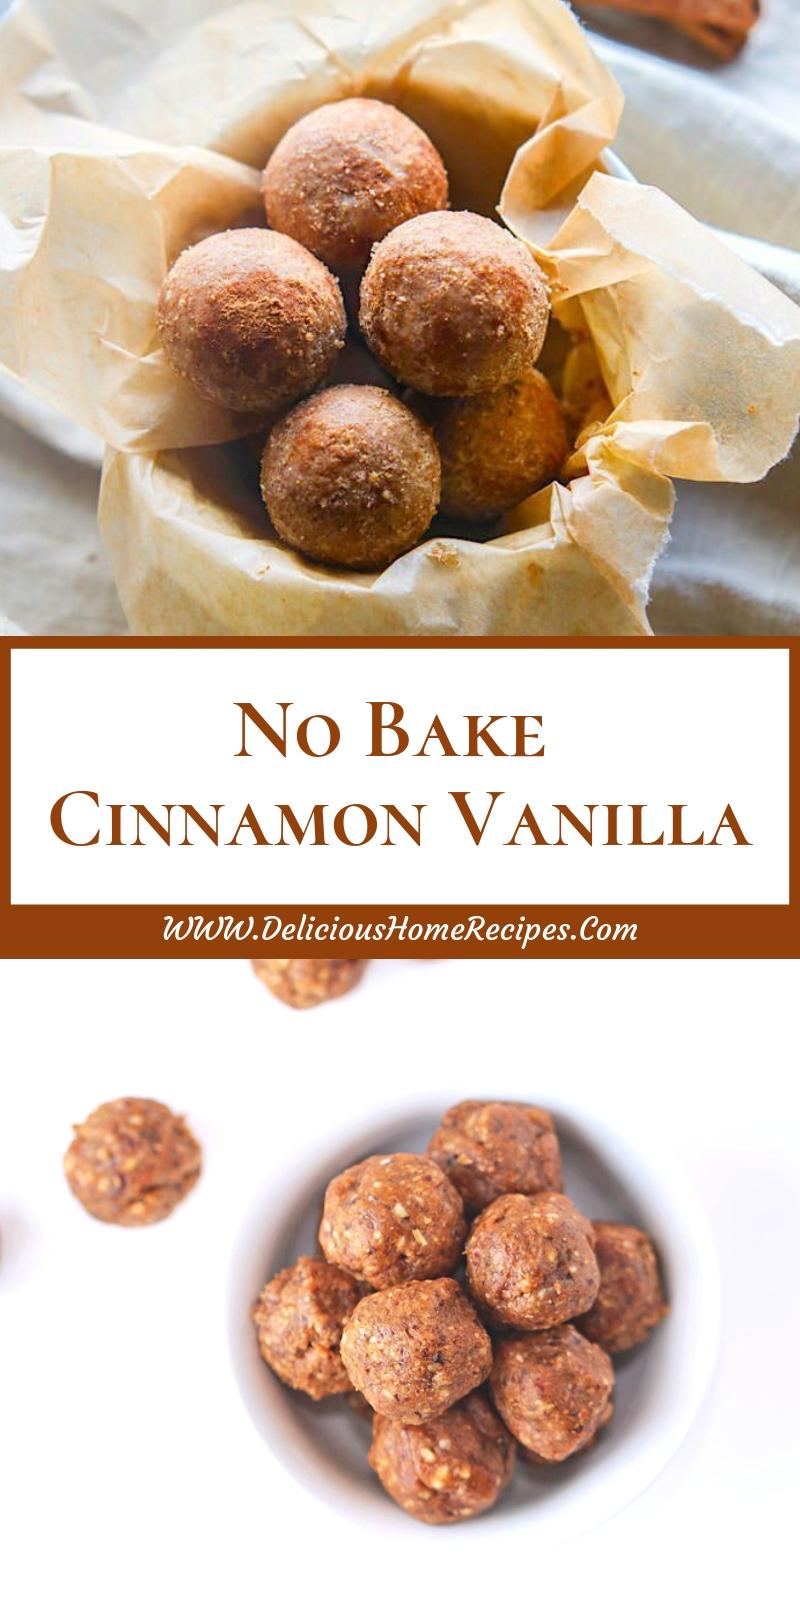 No Bake Cinnamon Vanilla